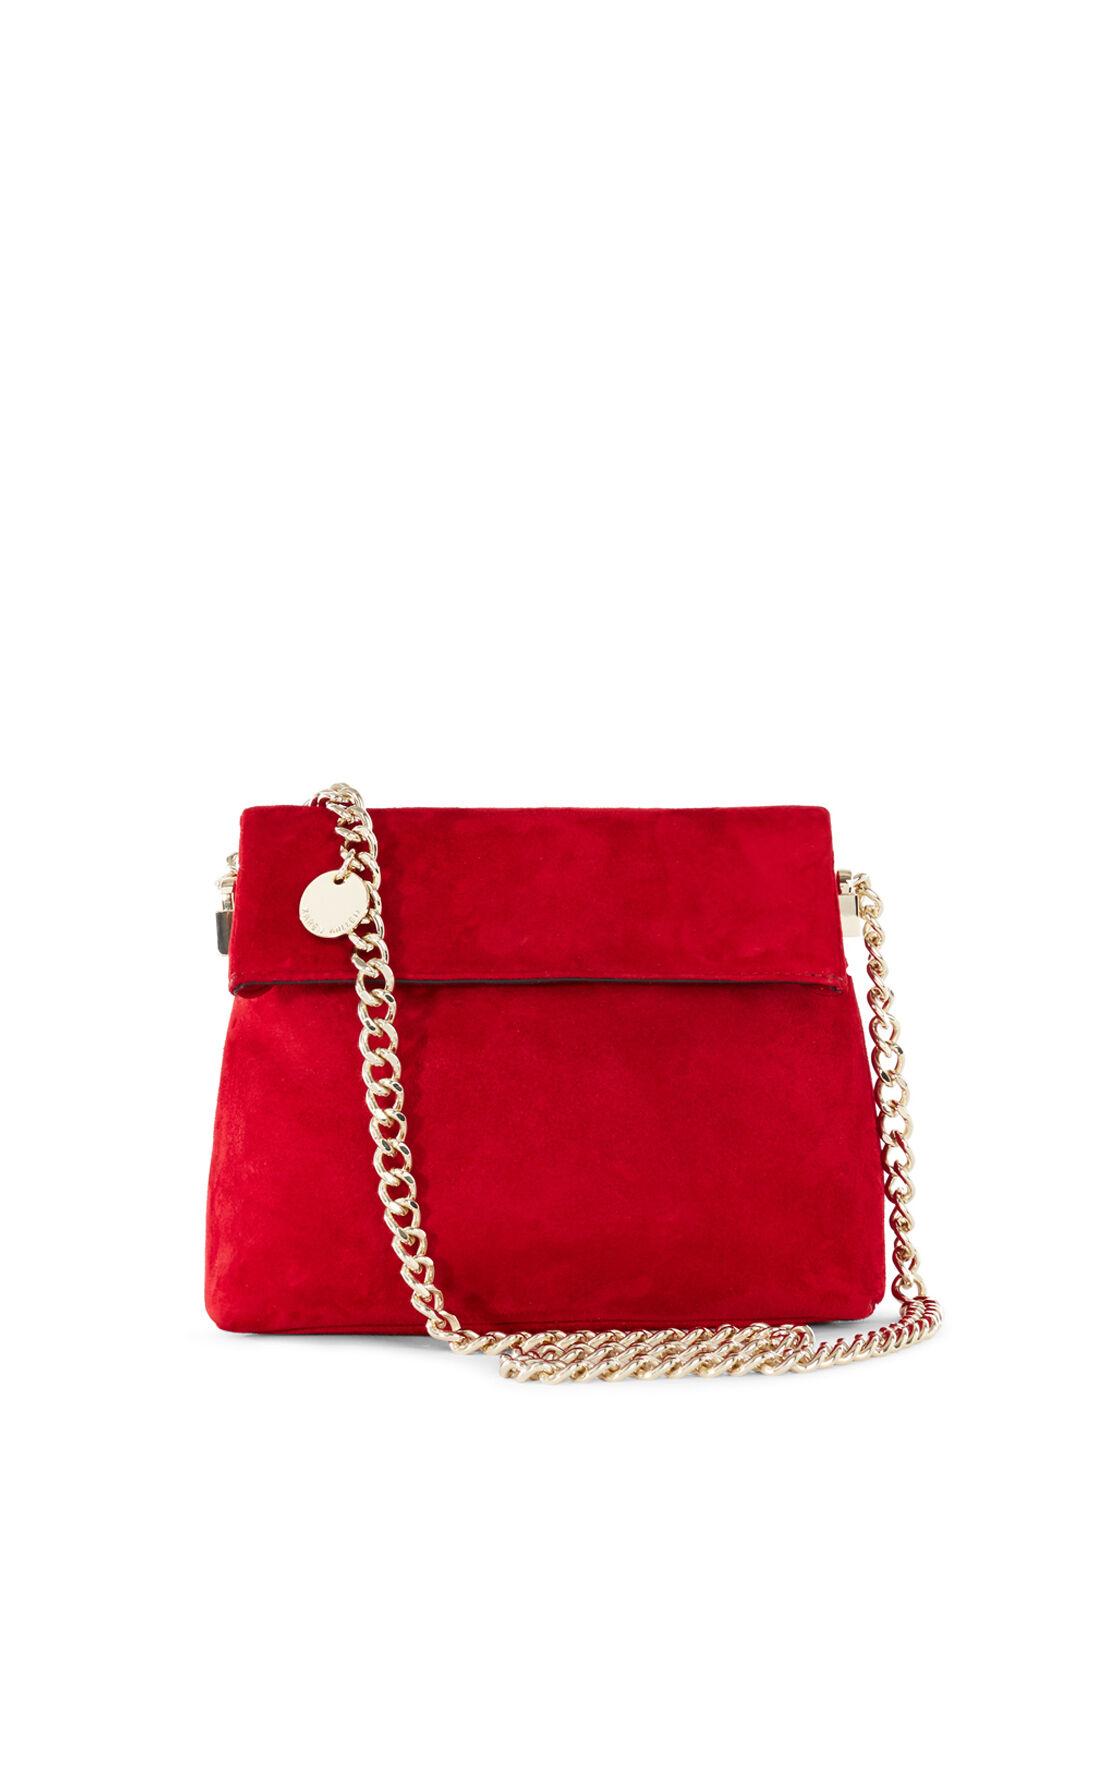 Karen Millen, MINI SHOULDER BAG Red 0